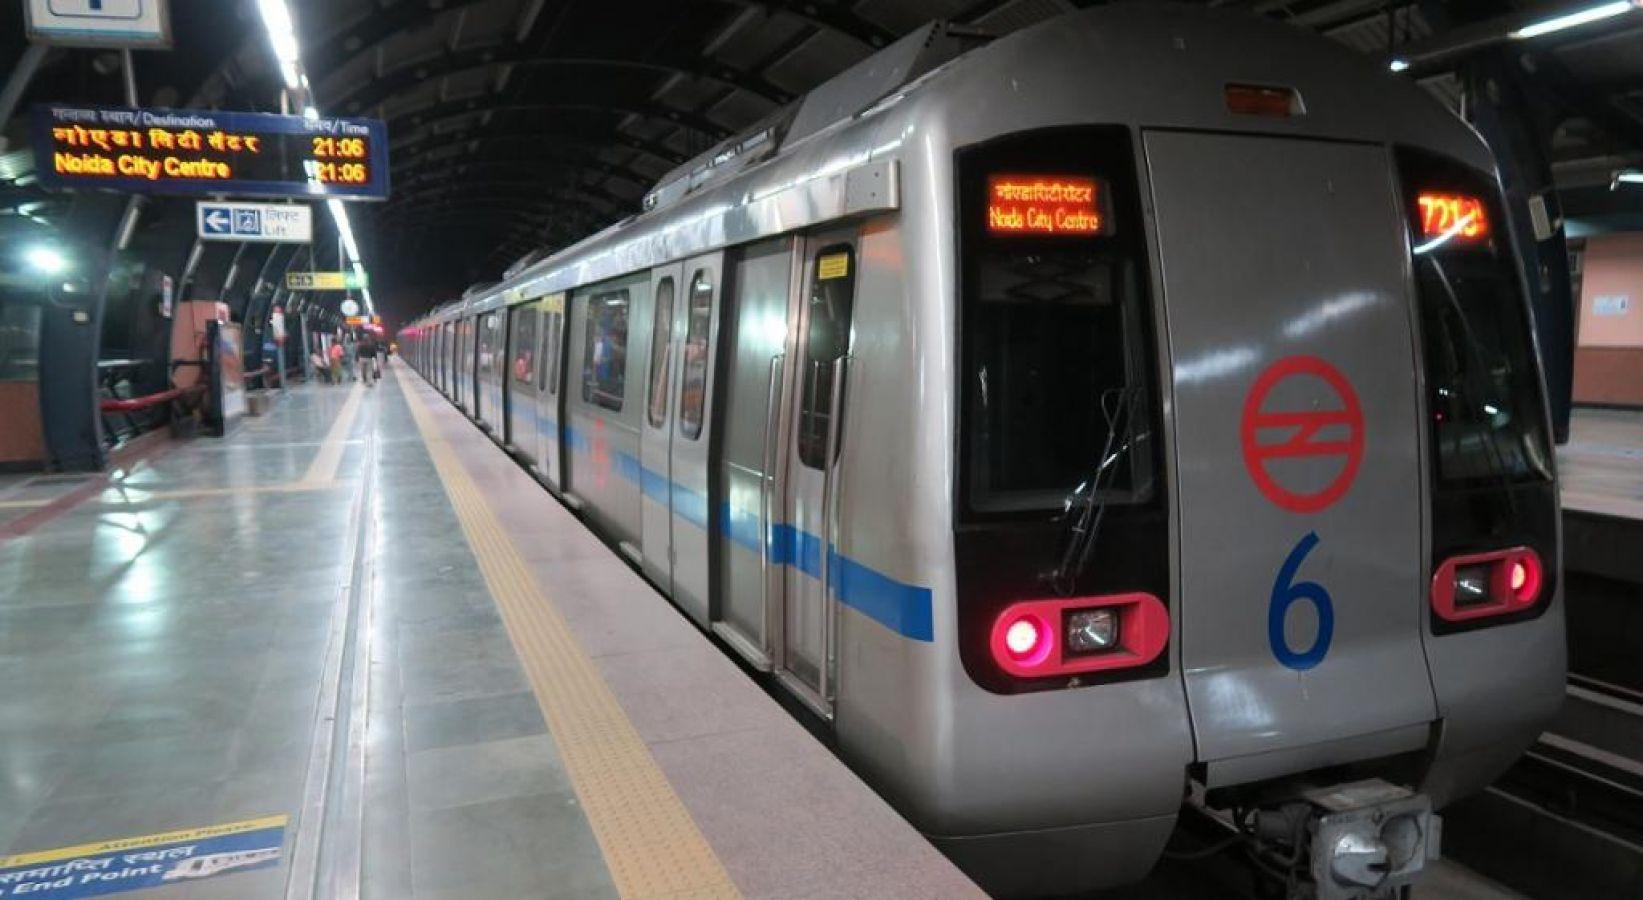 दिल्ली मेट्रो के दरवाजे में फंसी महिला की साड़ी, सिर में आई गंभीर चोटें